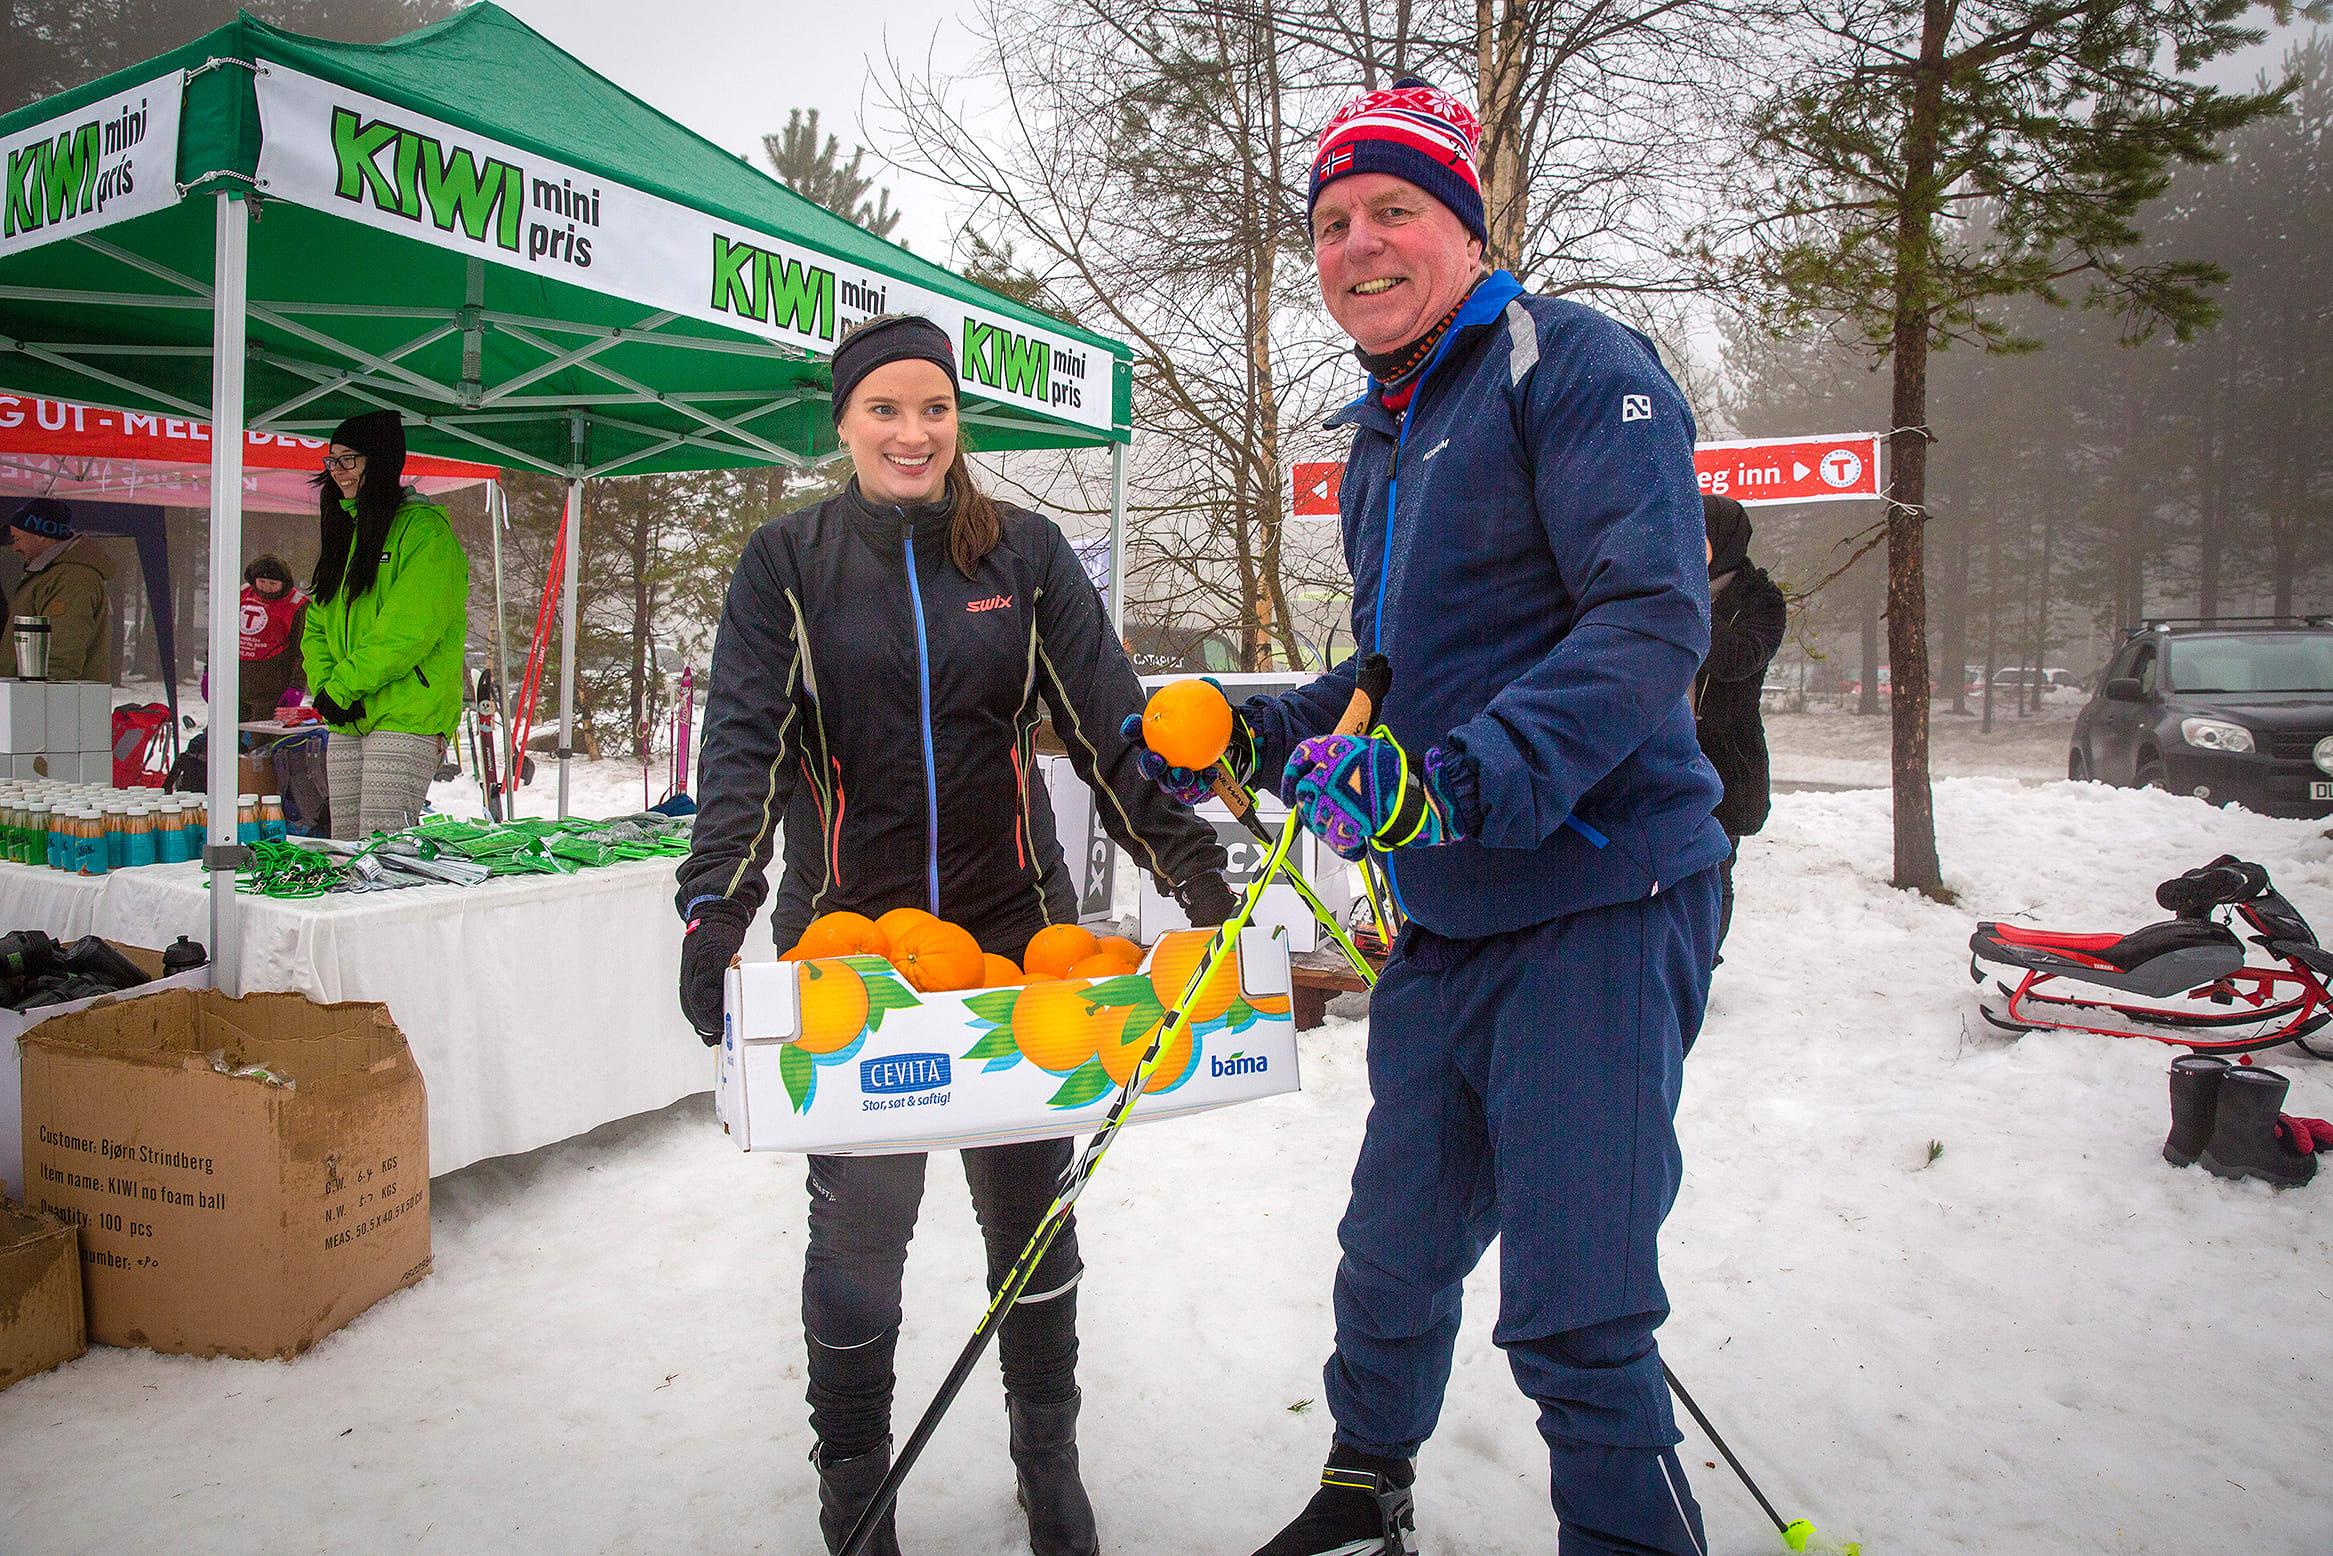 KIWI hadde egen stand på Kom deg ut-dagen i Drammen der de fremmøtte kunne forsyne seg med blant annet frukt og smoothies. (Foto: Catapult Film)